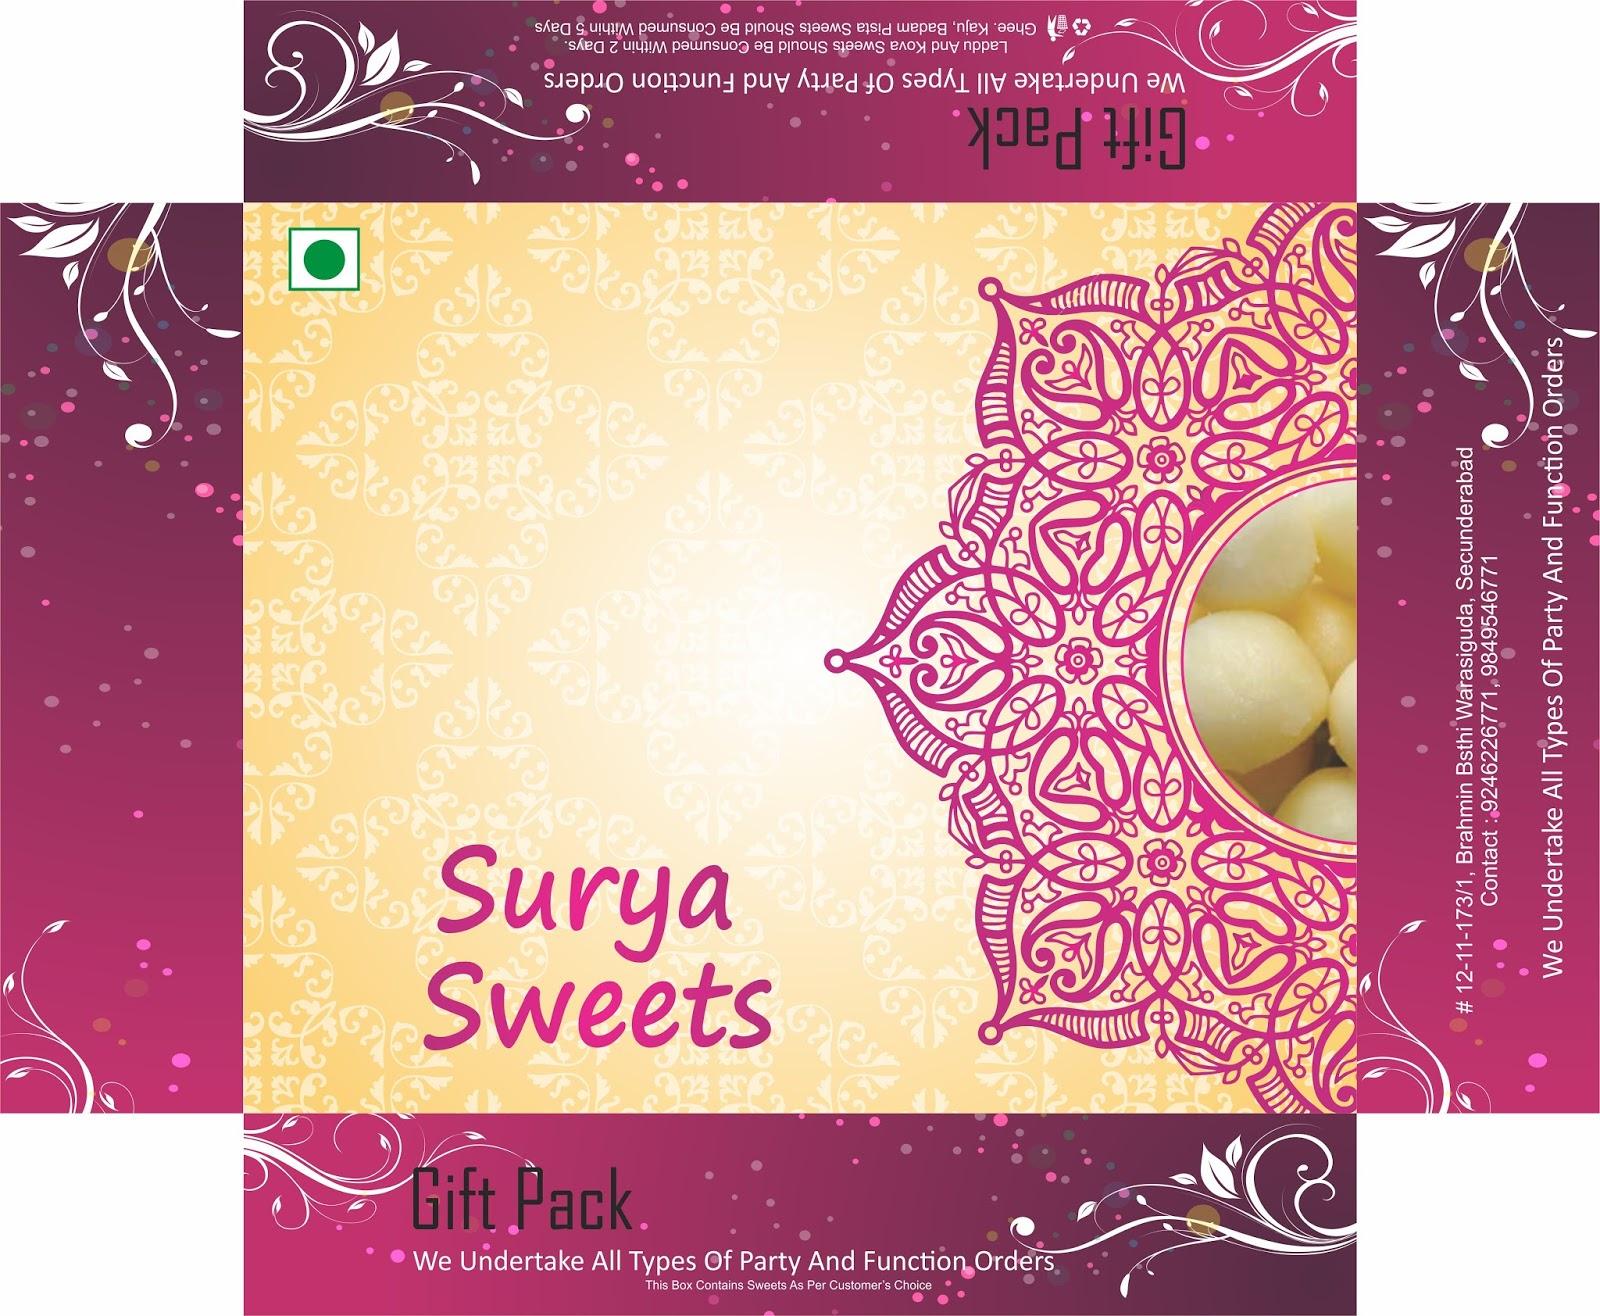 Sweet Box Design - Harshini Creative Graphics